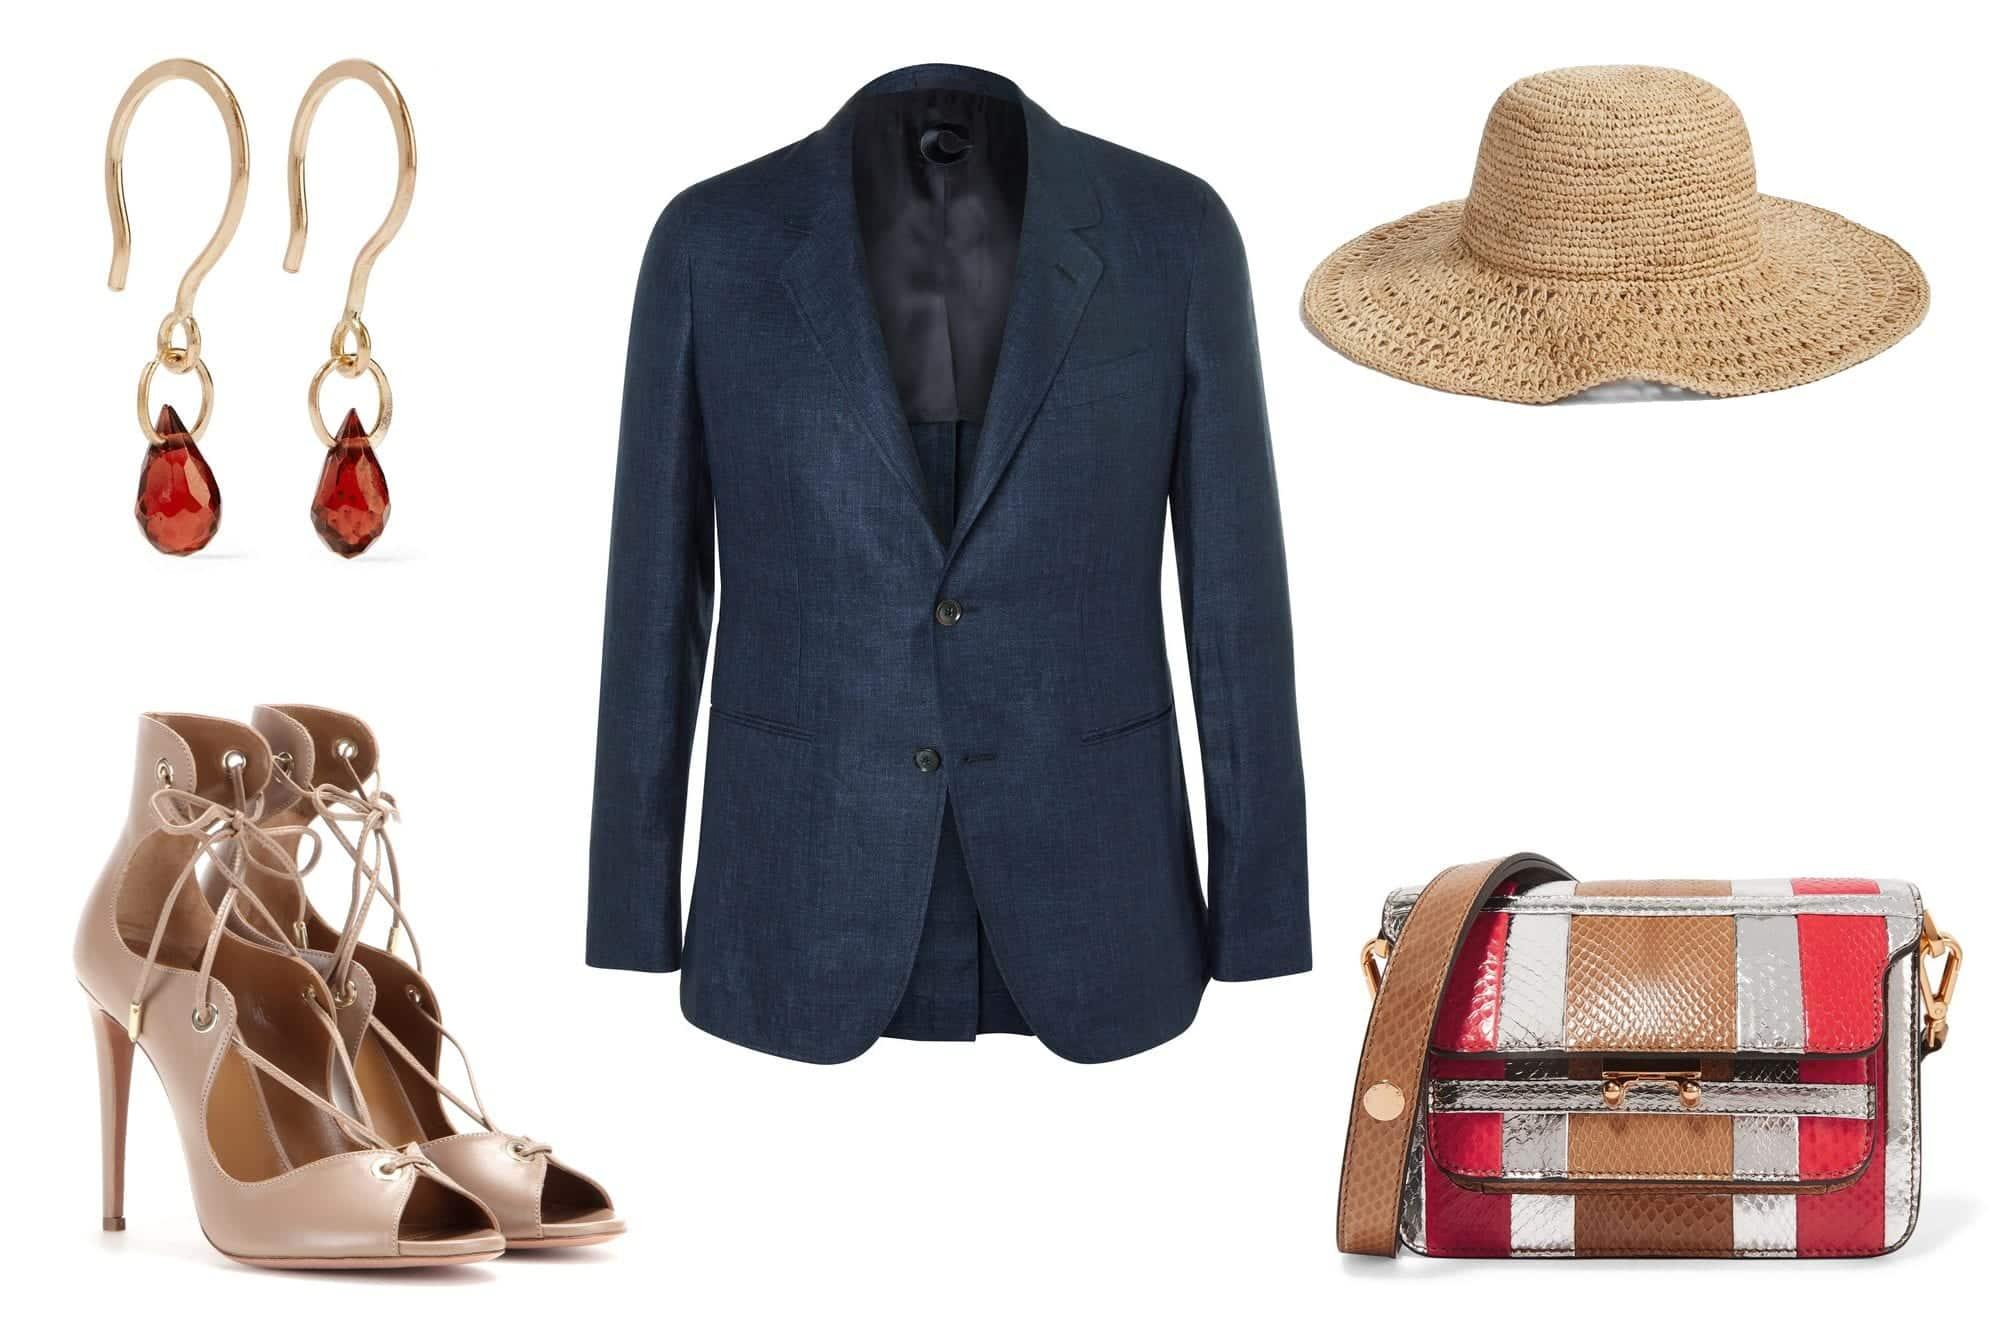 menswear-for-women- Menswear for Women - 20 Best Menswear Inspired Outfits Ideas